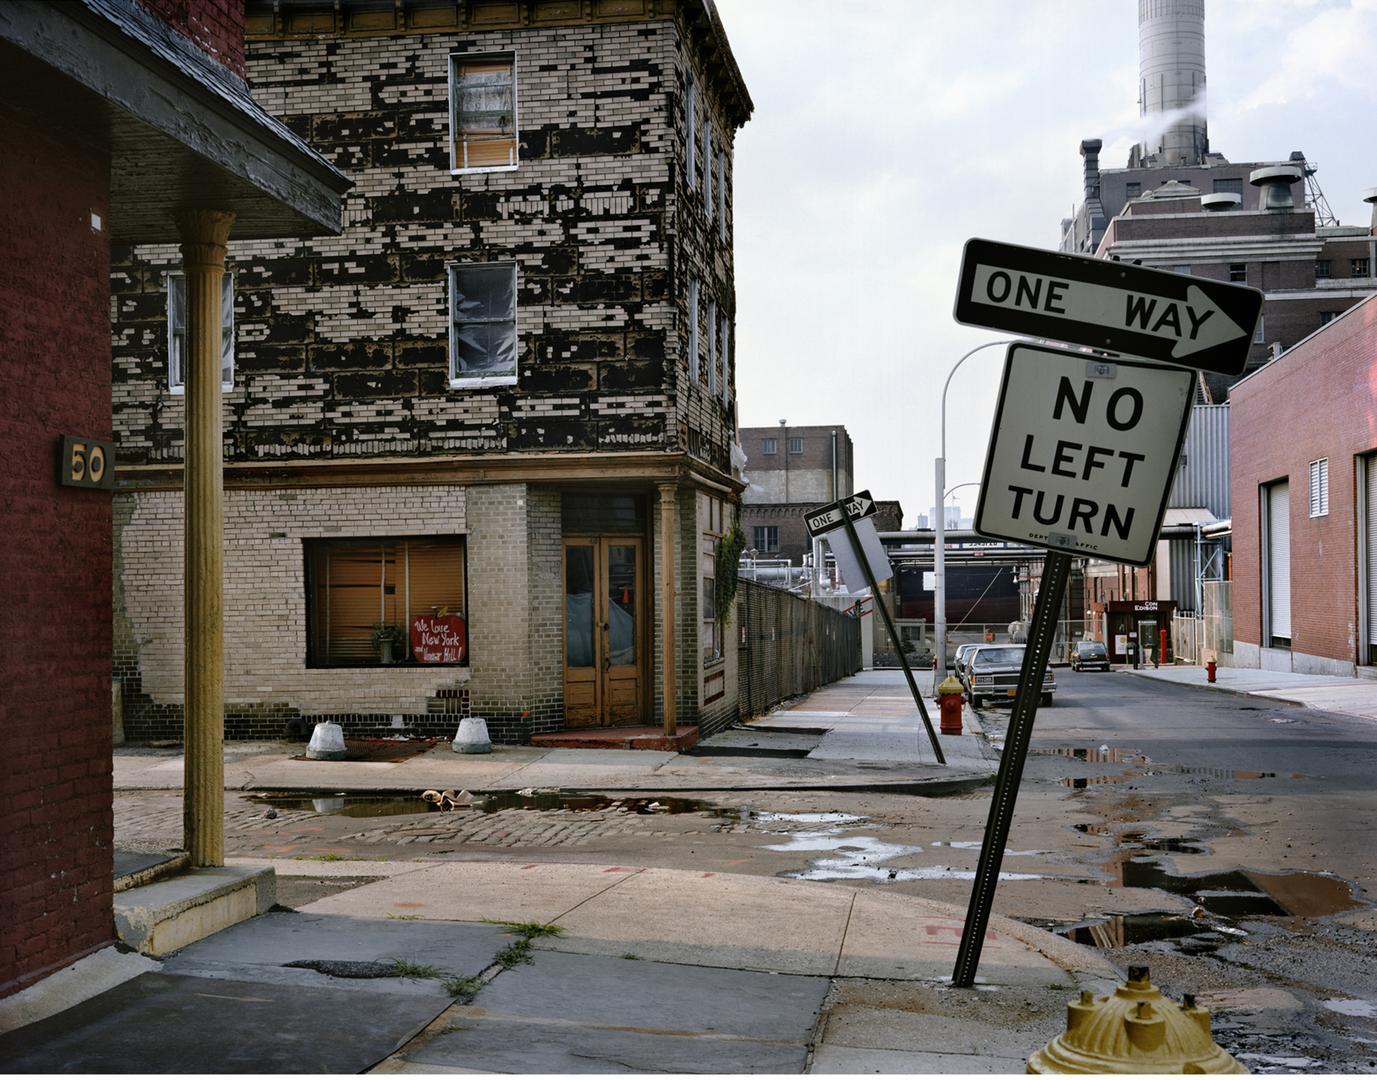 The Urban Lens: Wayne Sorce's vivid photos capture the spirit of